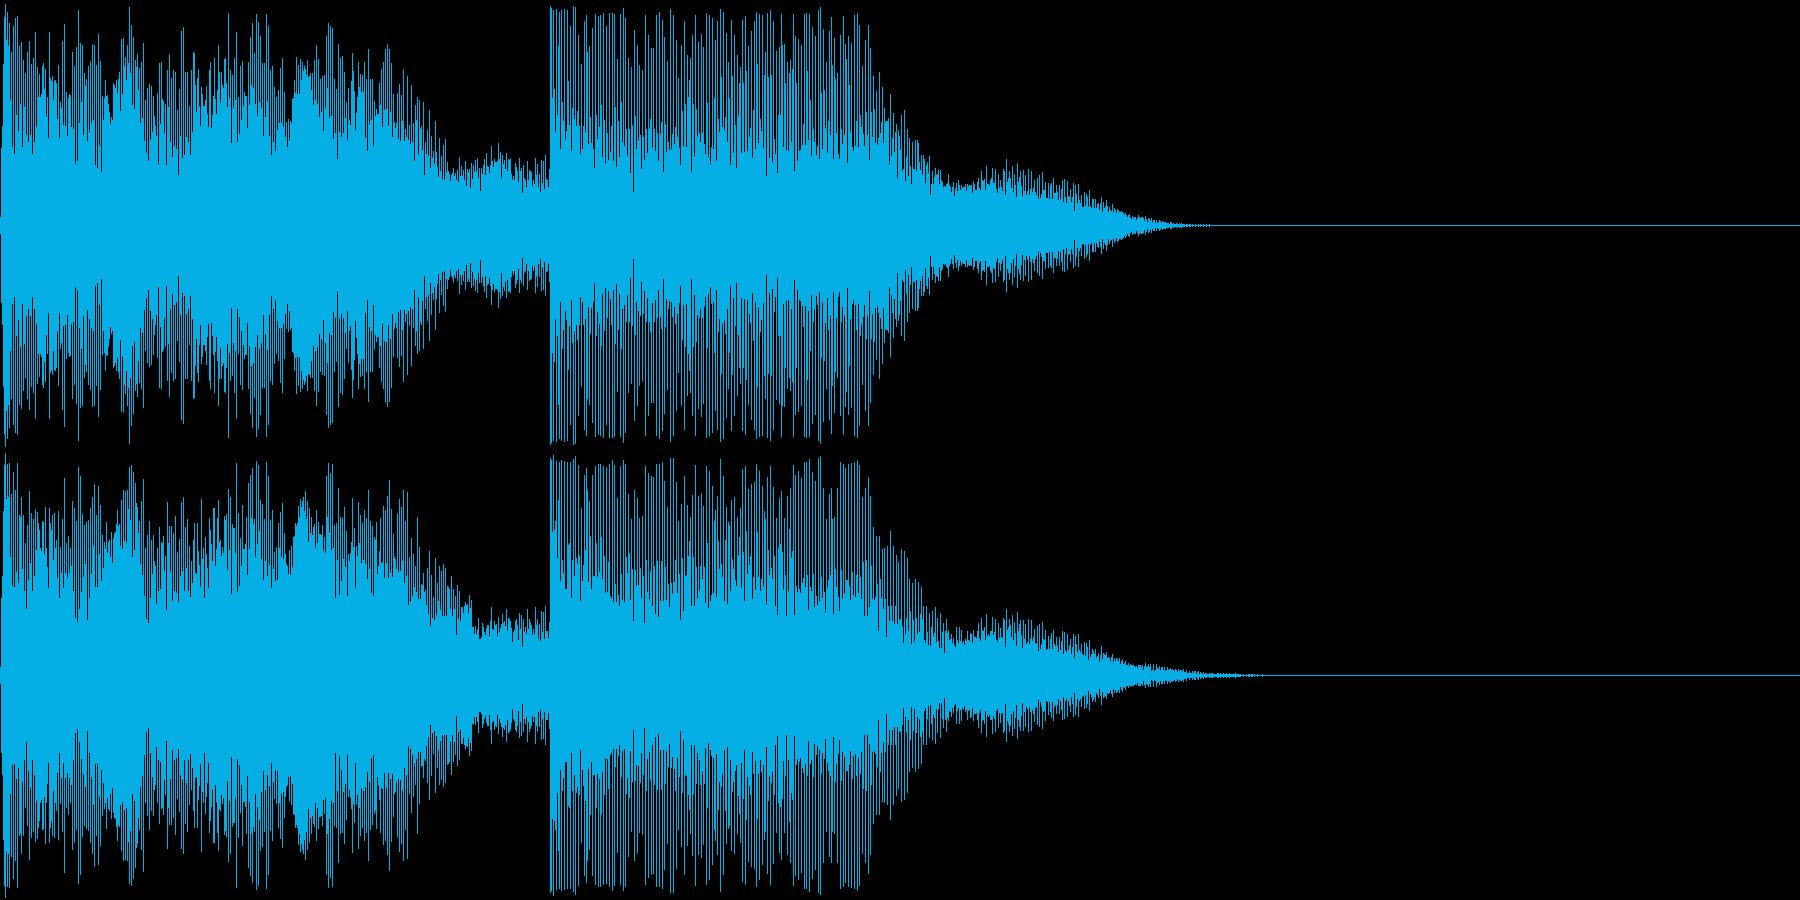 AI メカ/ロボ/マシン動作音 20 短の再生済みの波形